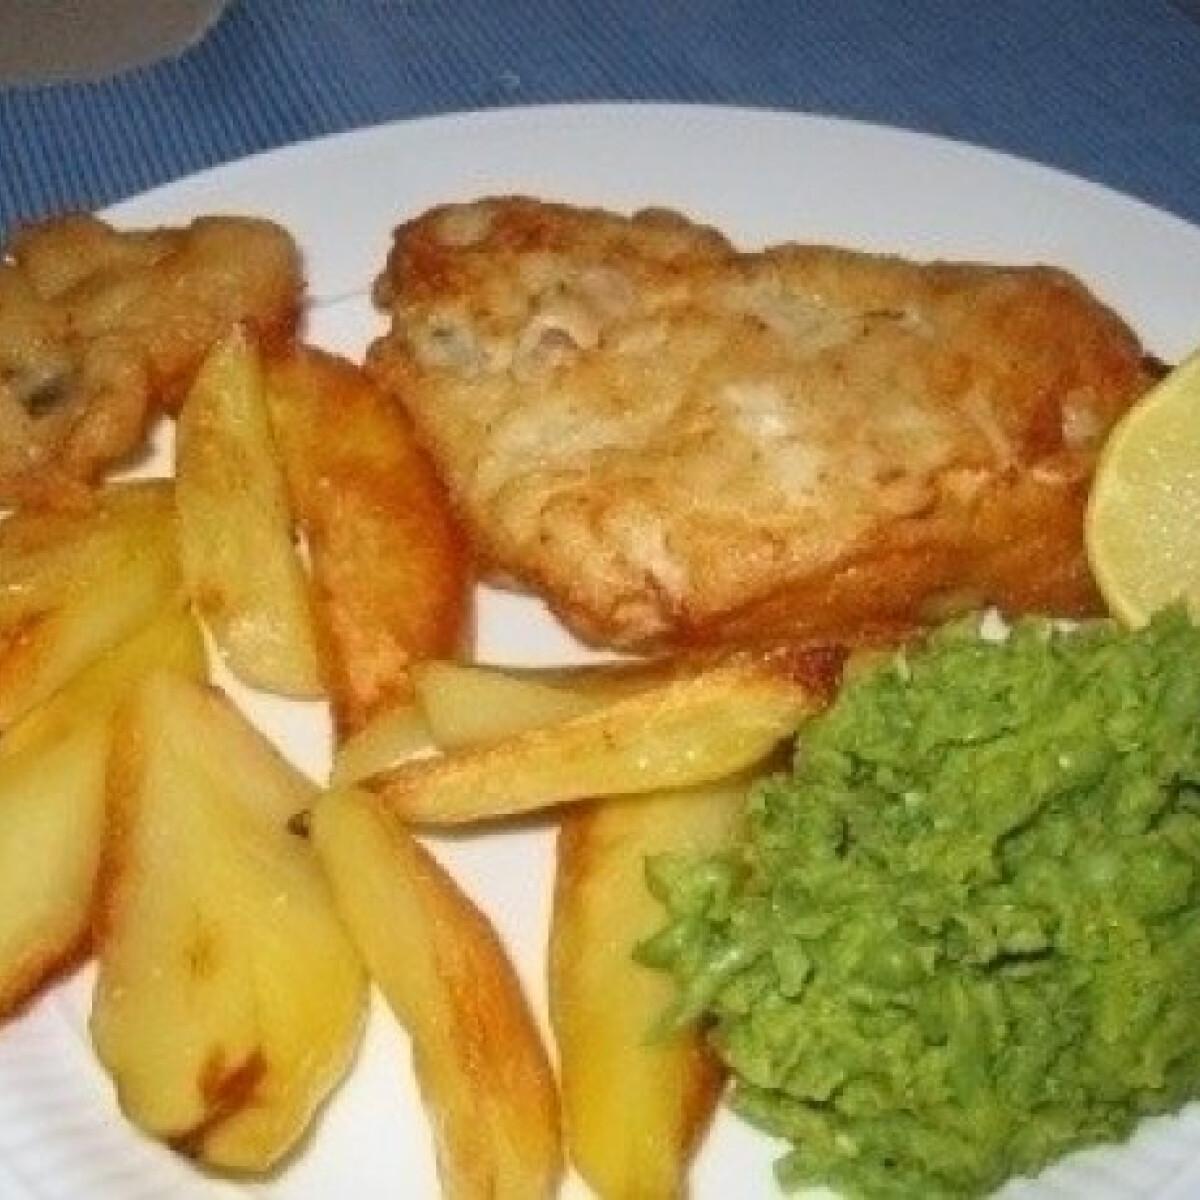 Ezen a képen: Fish and chips